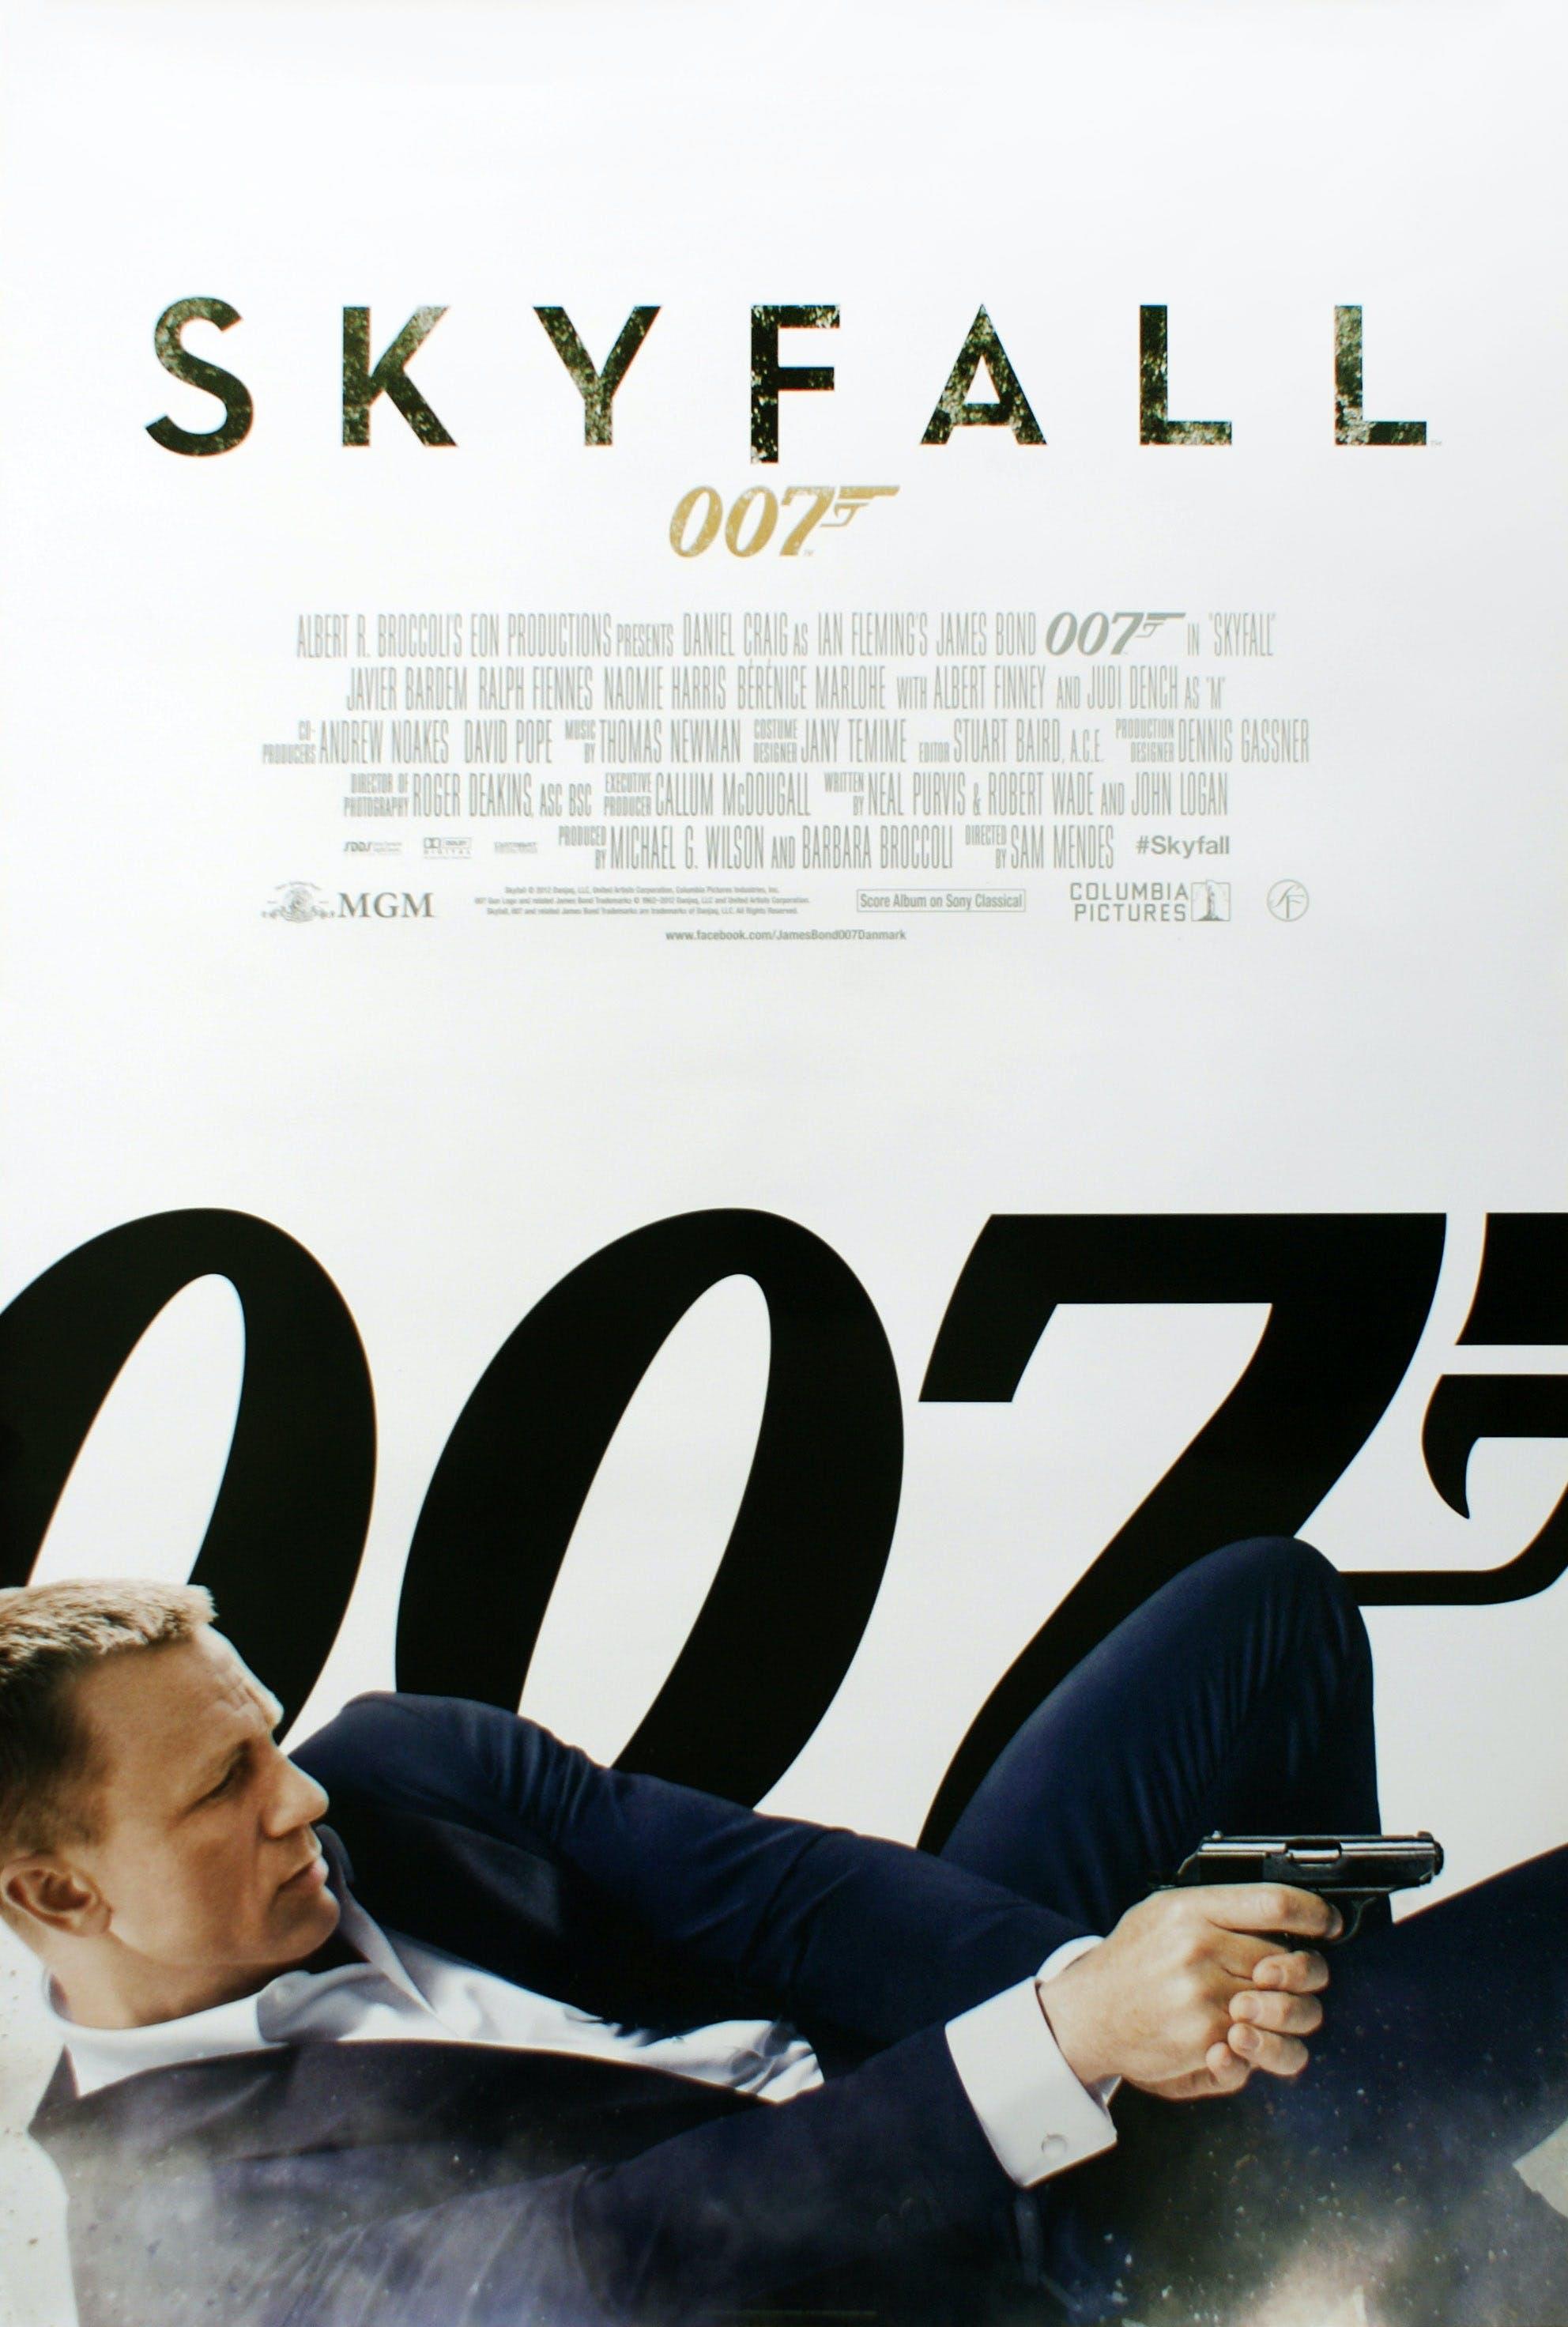 movieposter plakat af 007 skyfall daniel craig